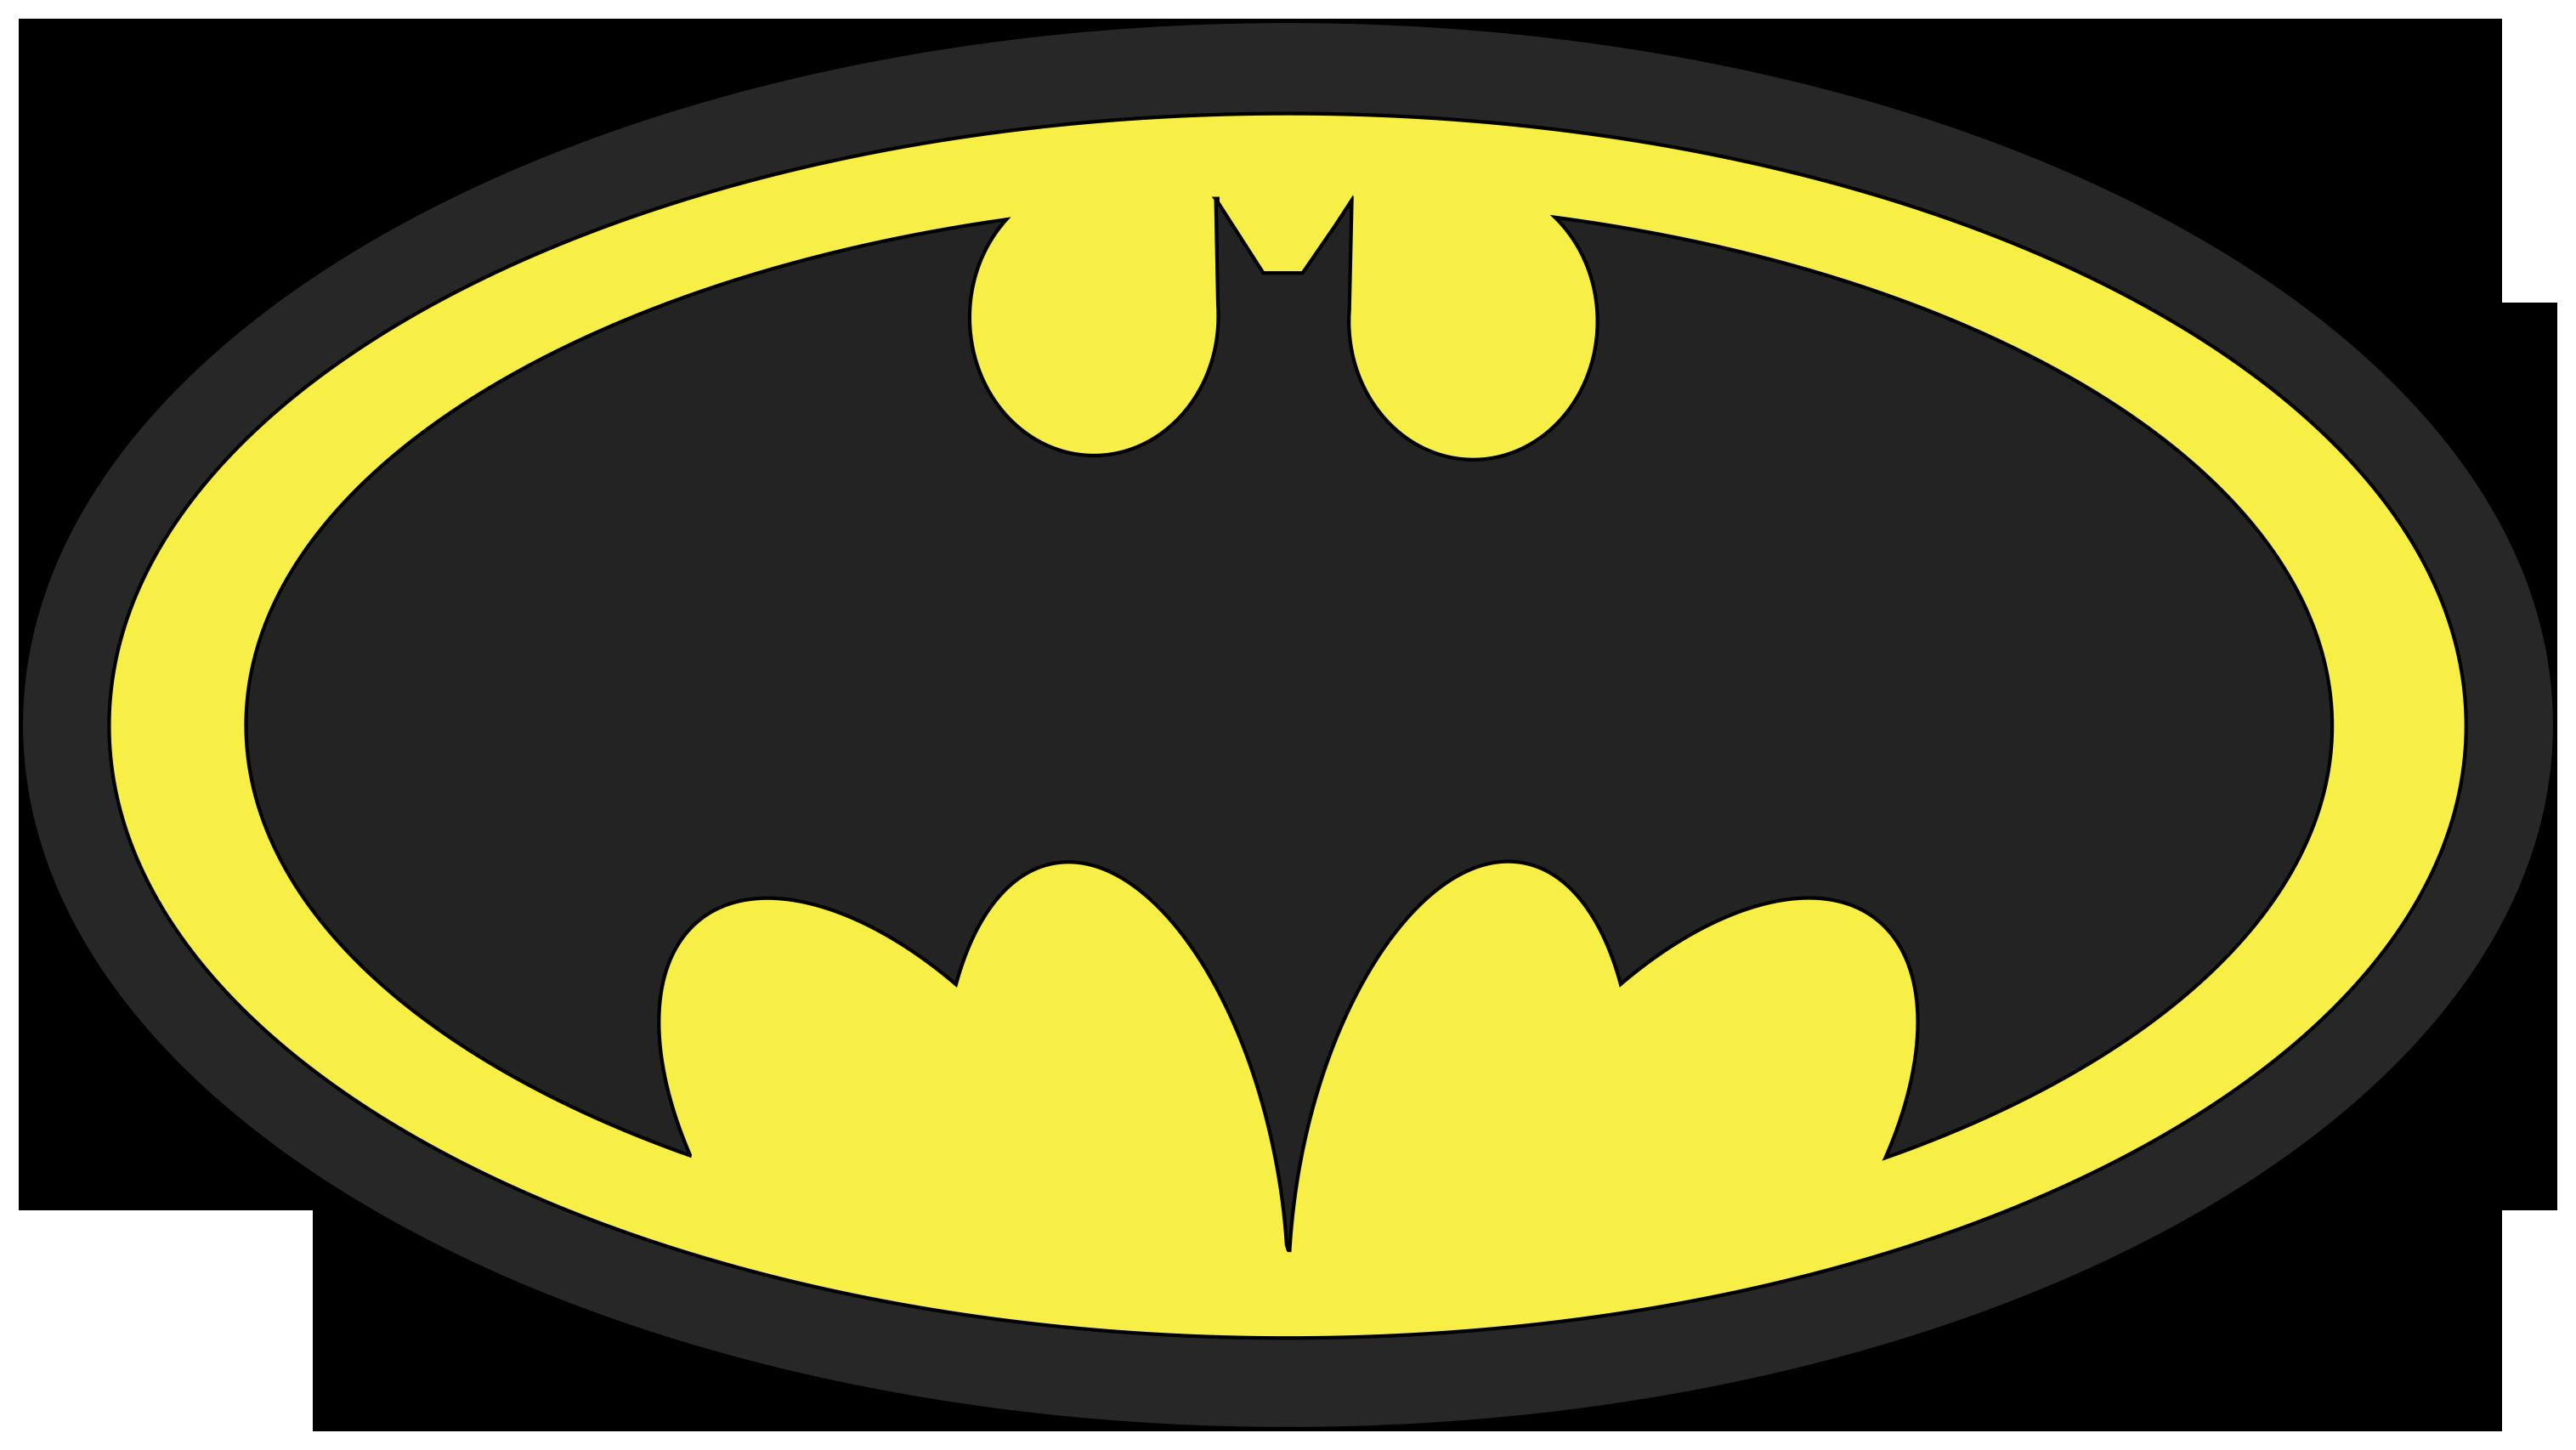 Pin by liz cabase on batman batman logo printable batman logo batman free